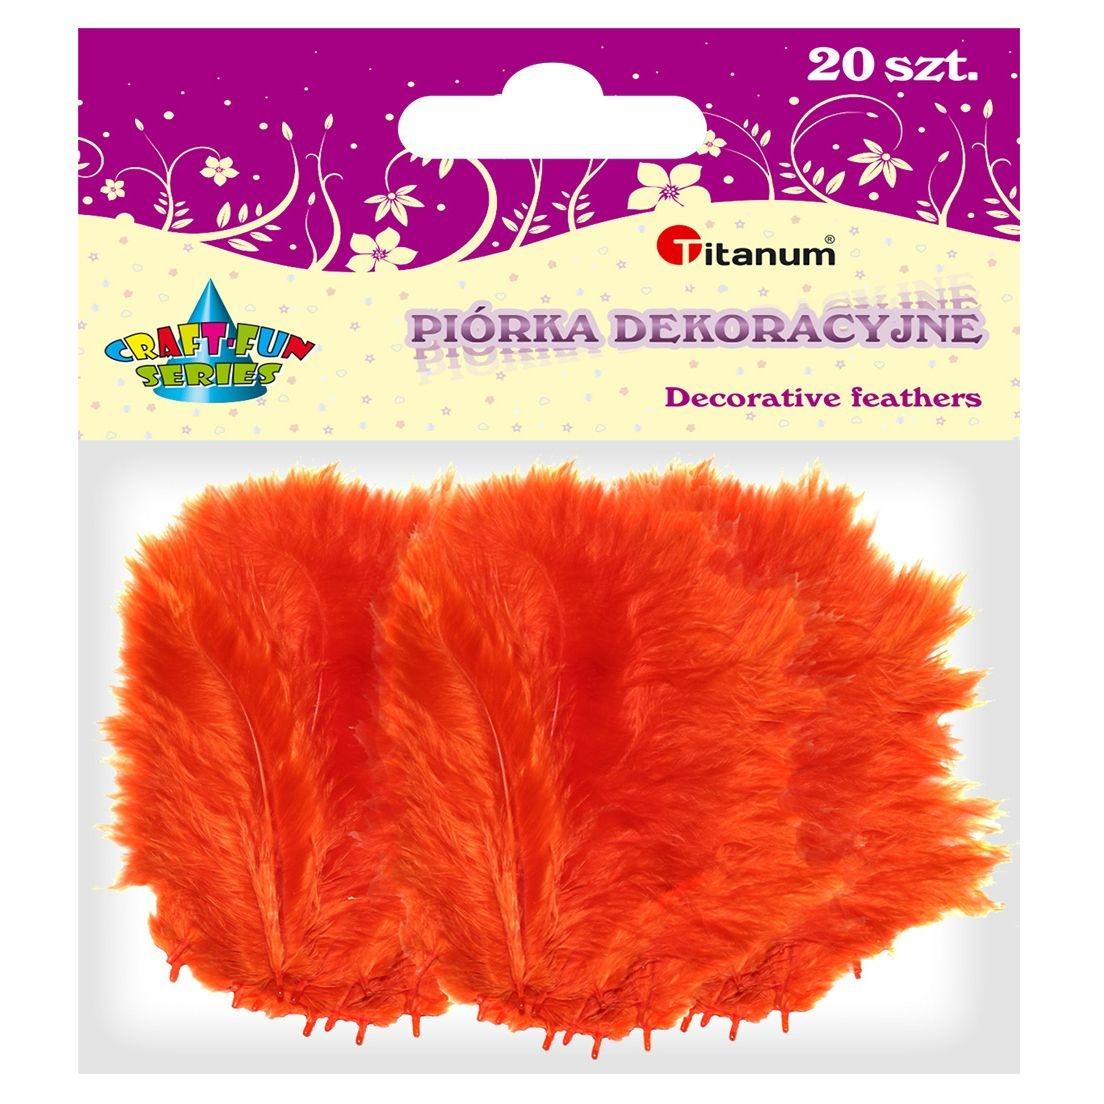 Piórka dekoracyjne, 20 szt. - pomarańczowe (283017)